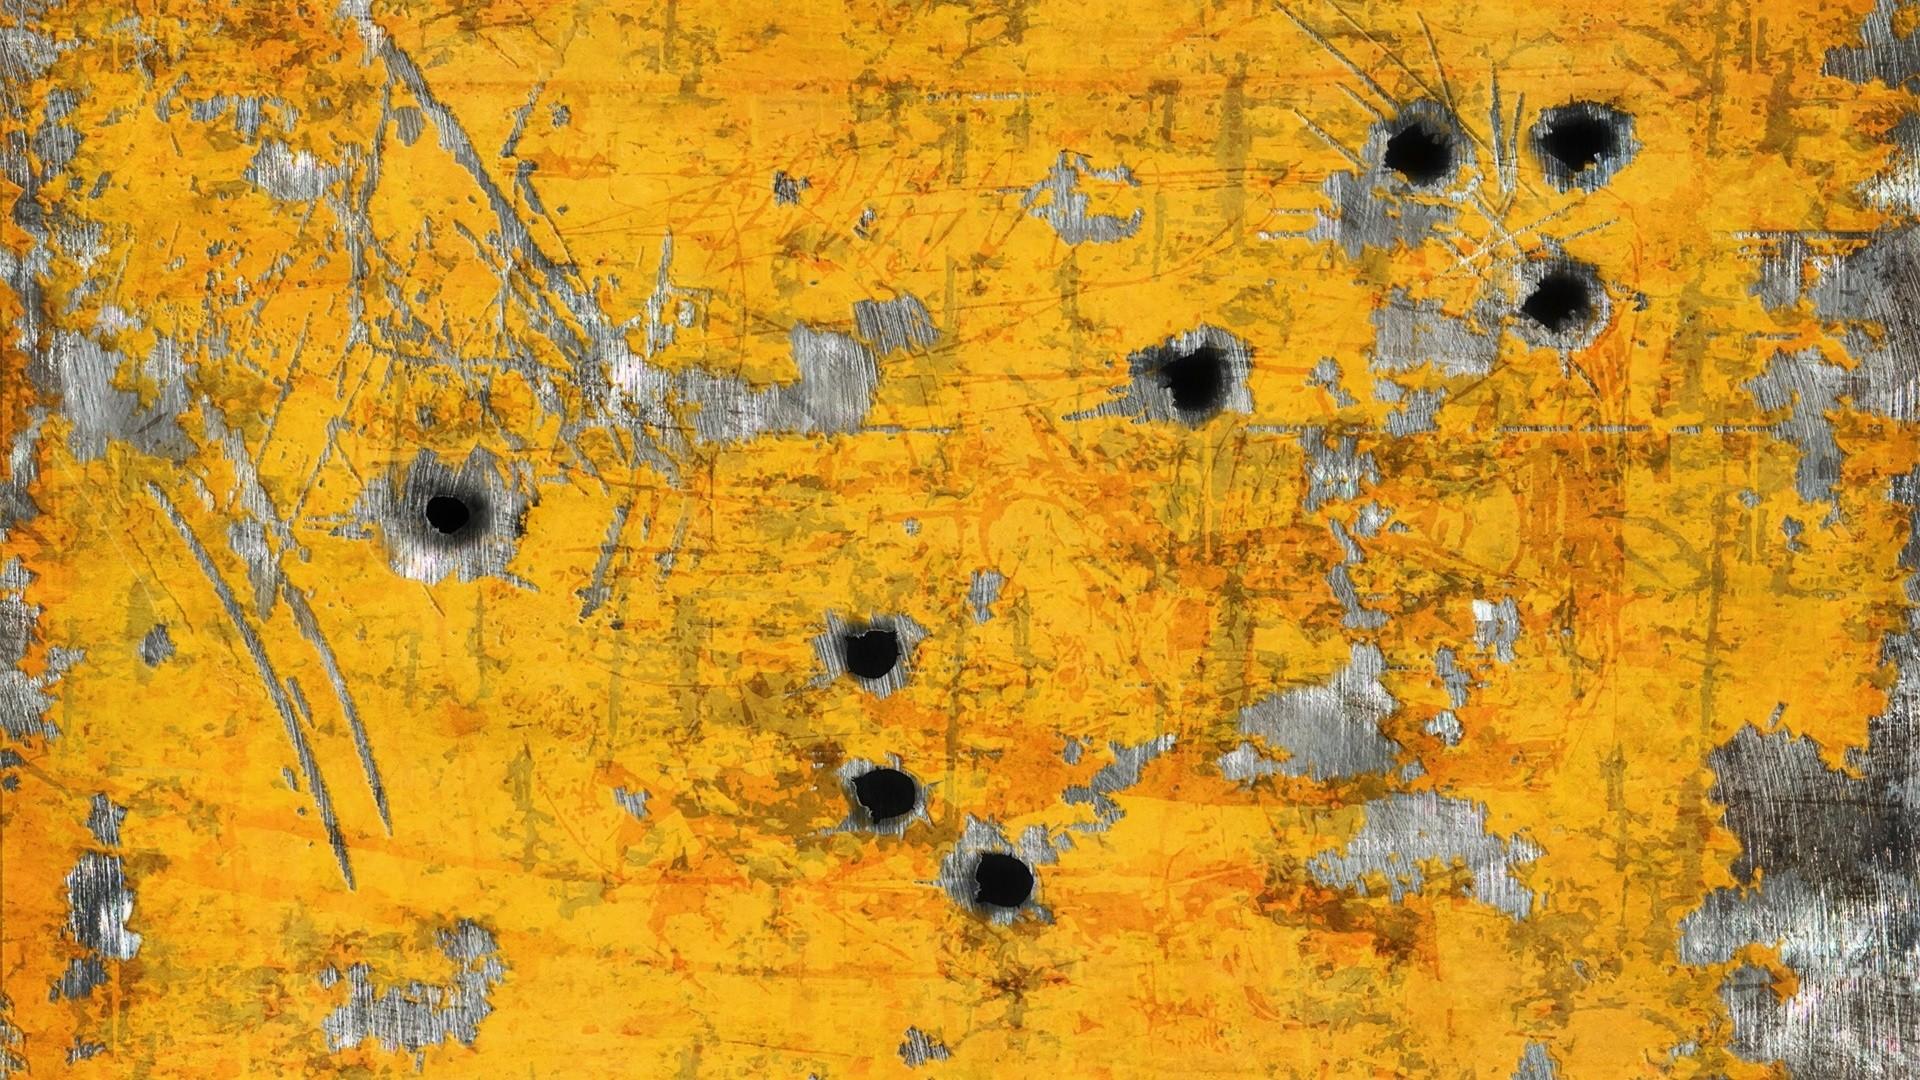 Hình nền màu vàng bức tường bị súng bắn